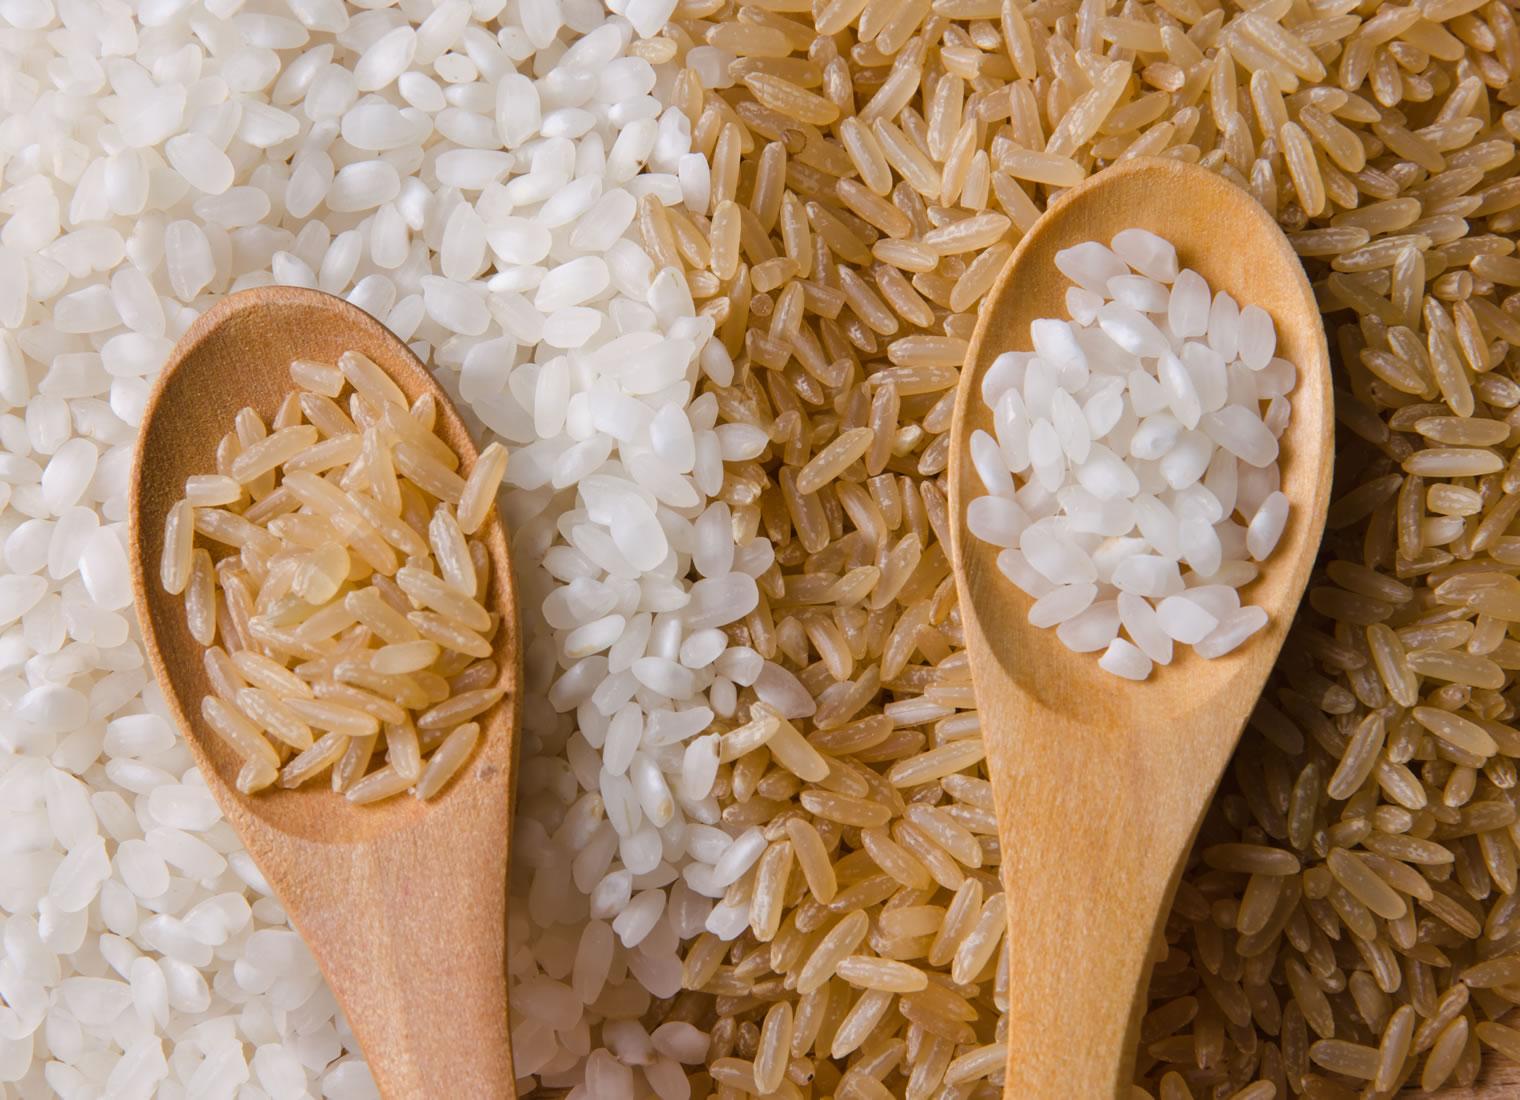 筋トレをする時には玄米を食べるのがいいって本当?どんな効果がある?